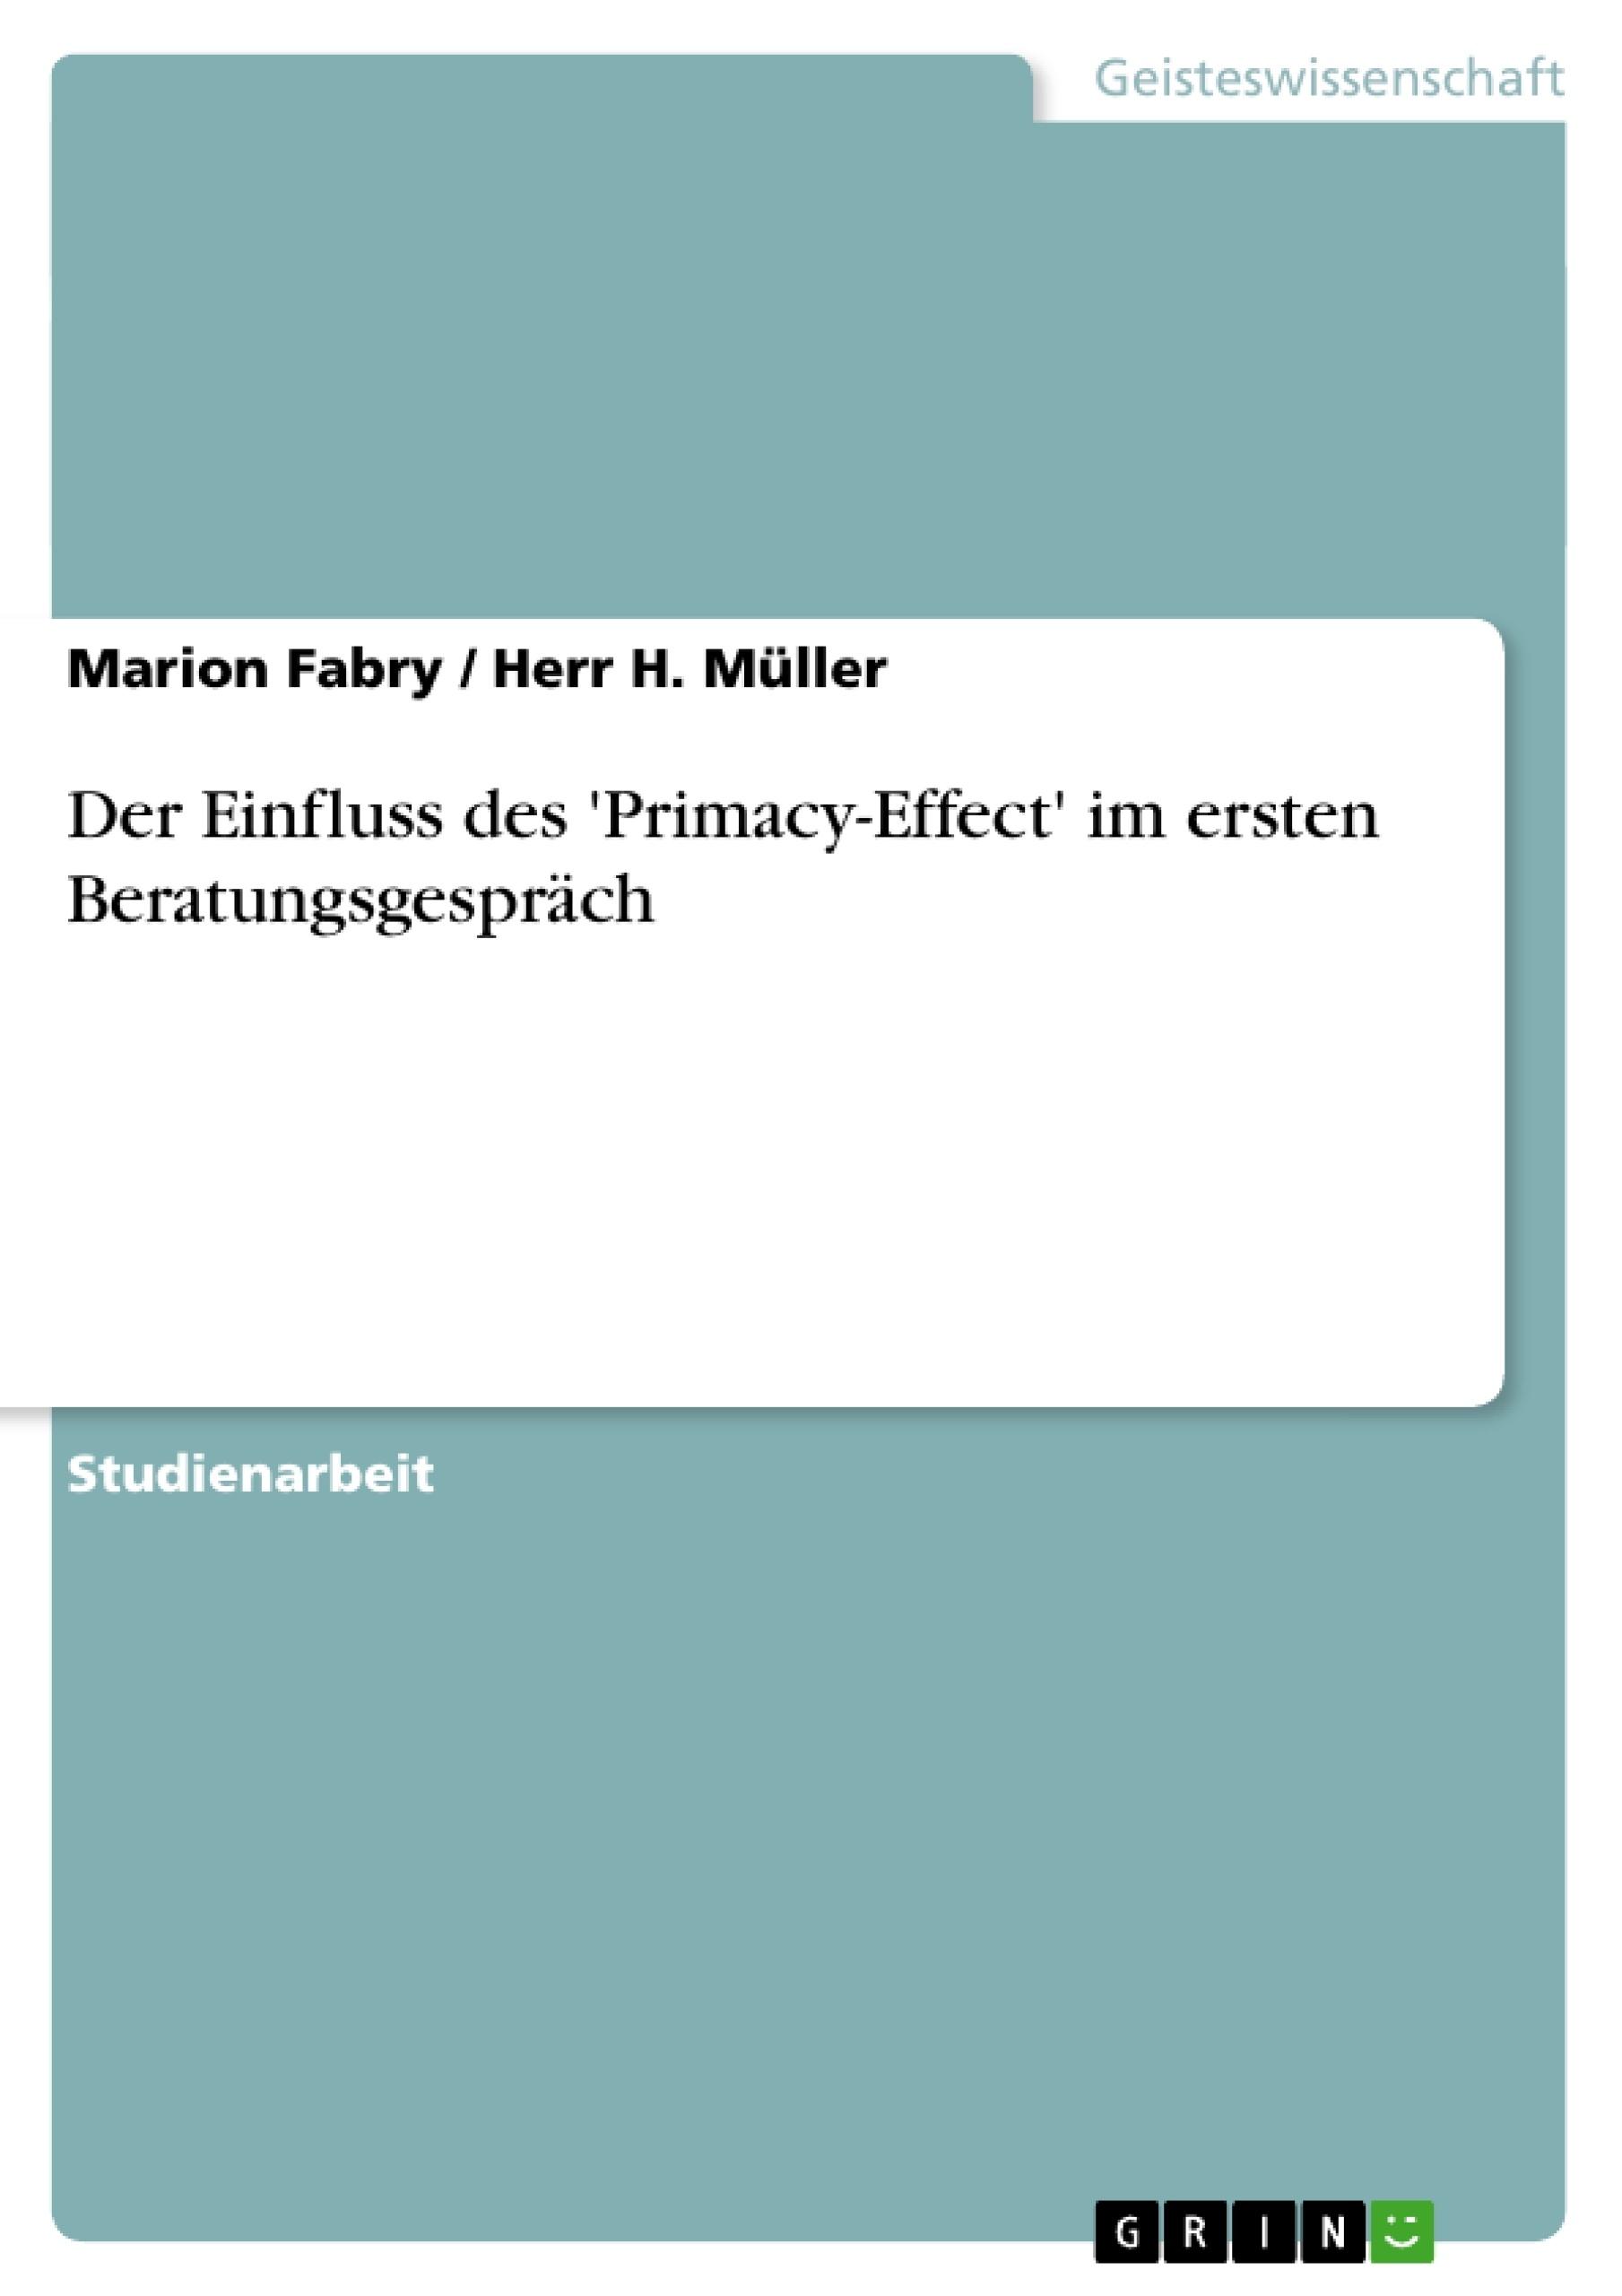 Titel: Der Einfluss des 'Primacy-Effect' im ersten Beratungsgespräch